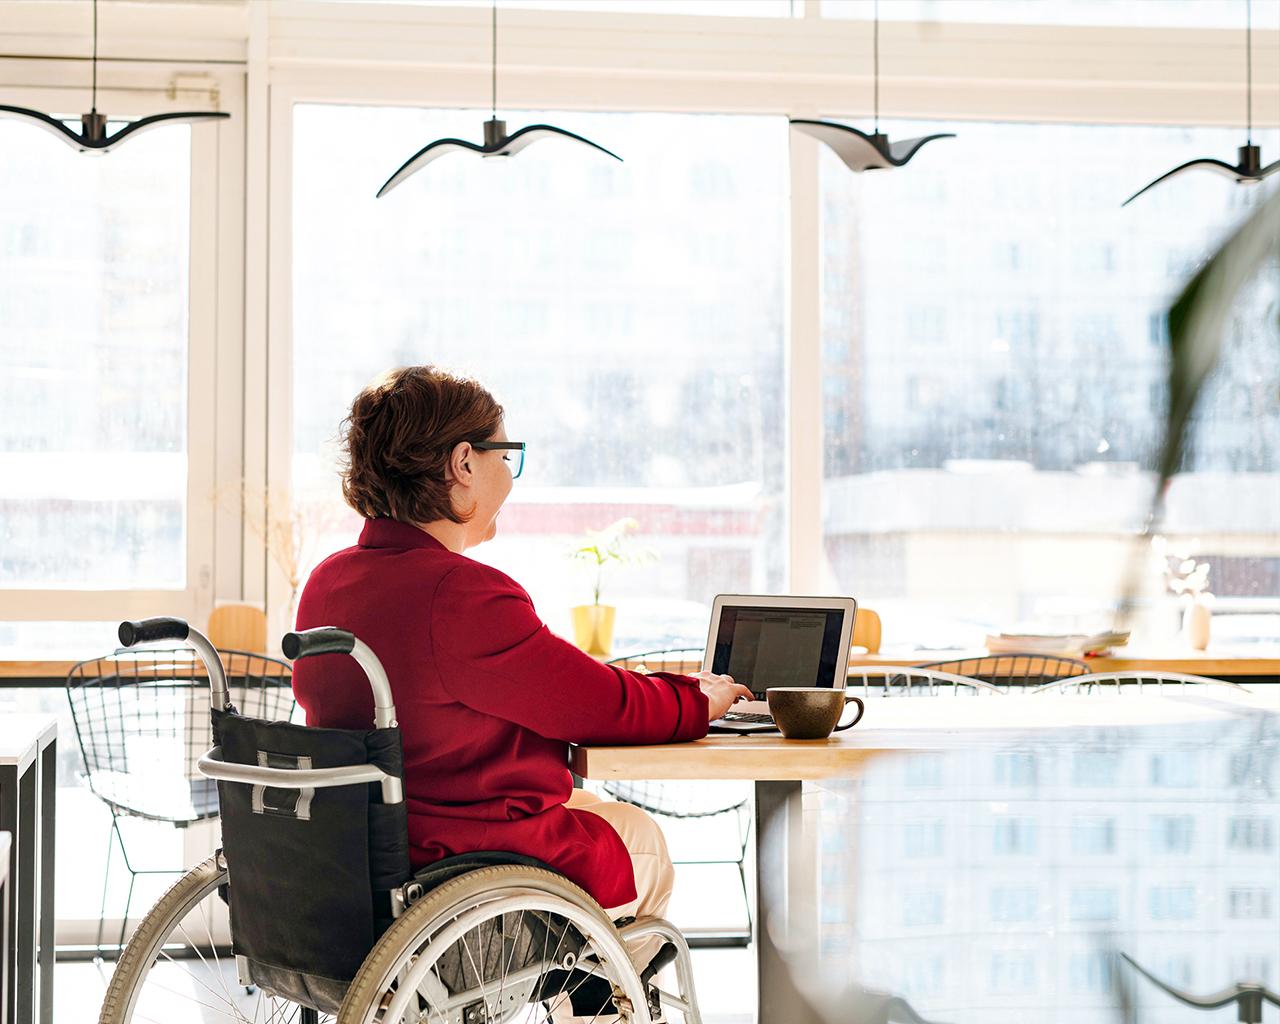 Sistema facilita uso de computador para personas con movilidad reducida